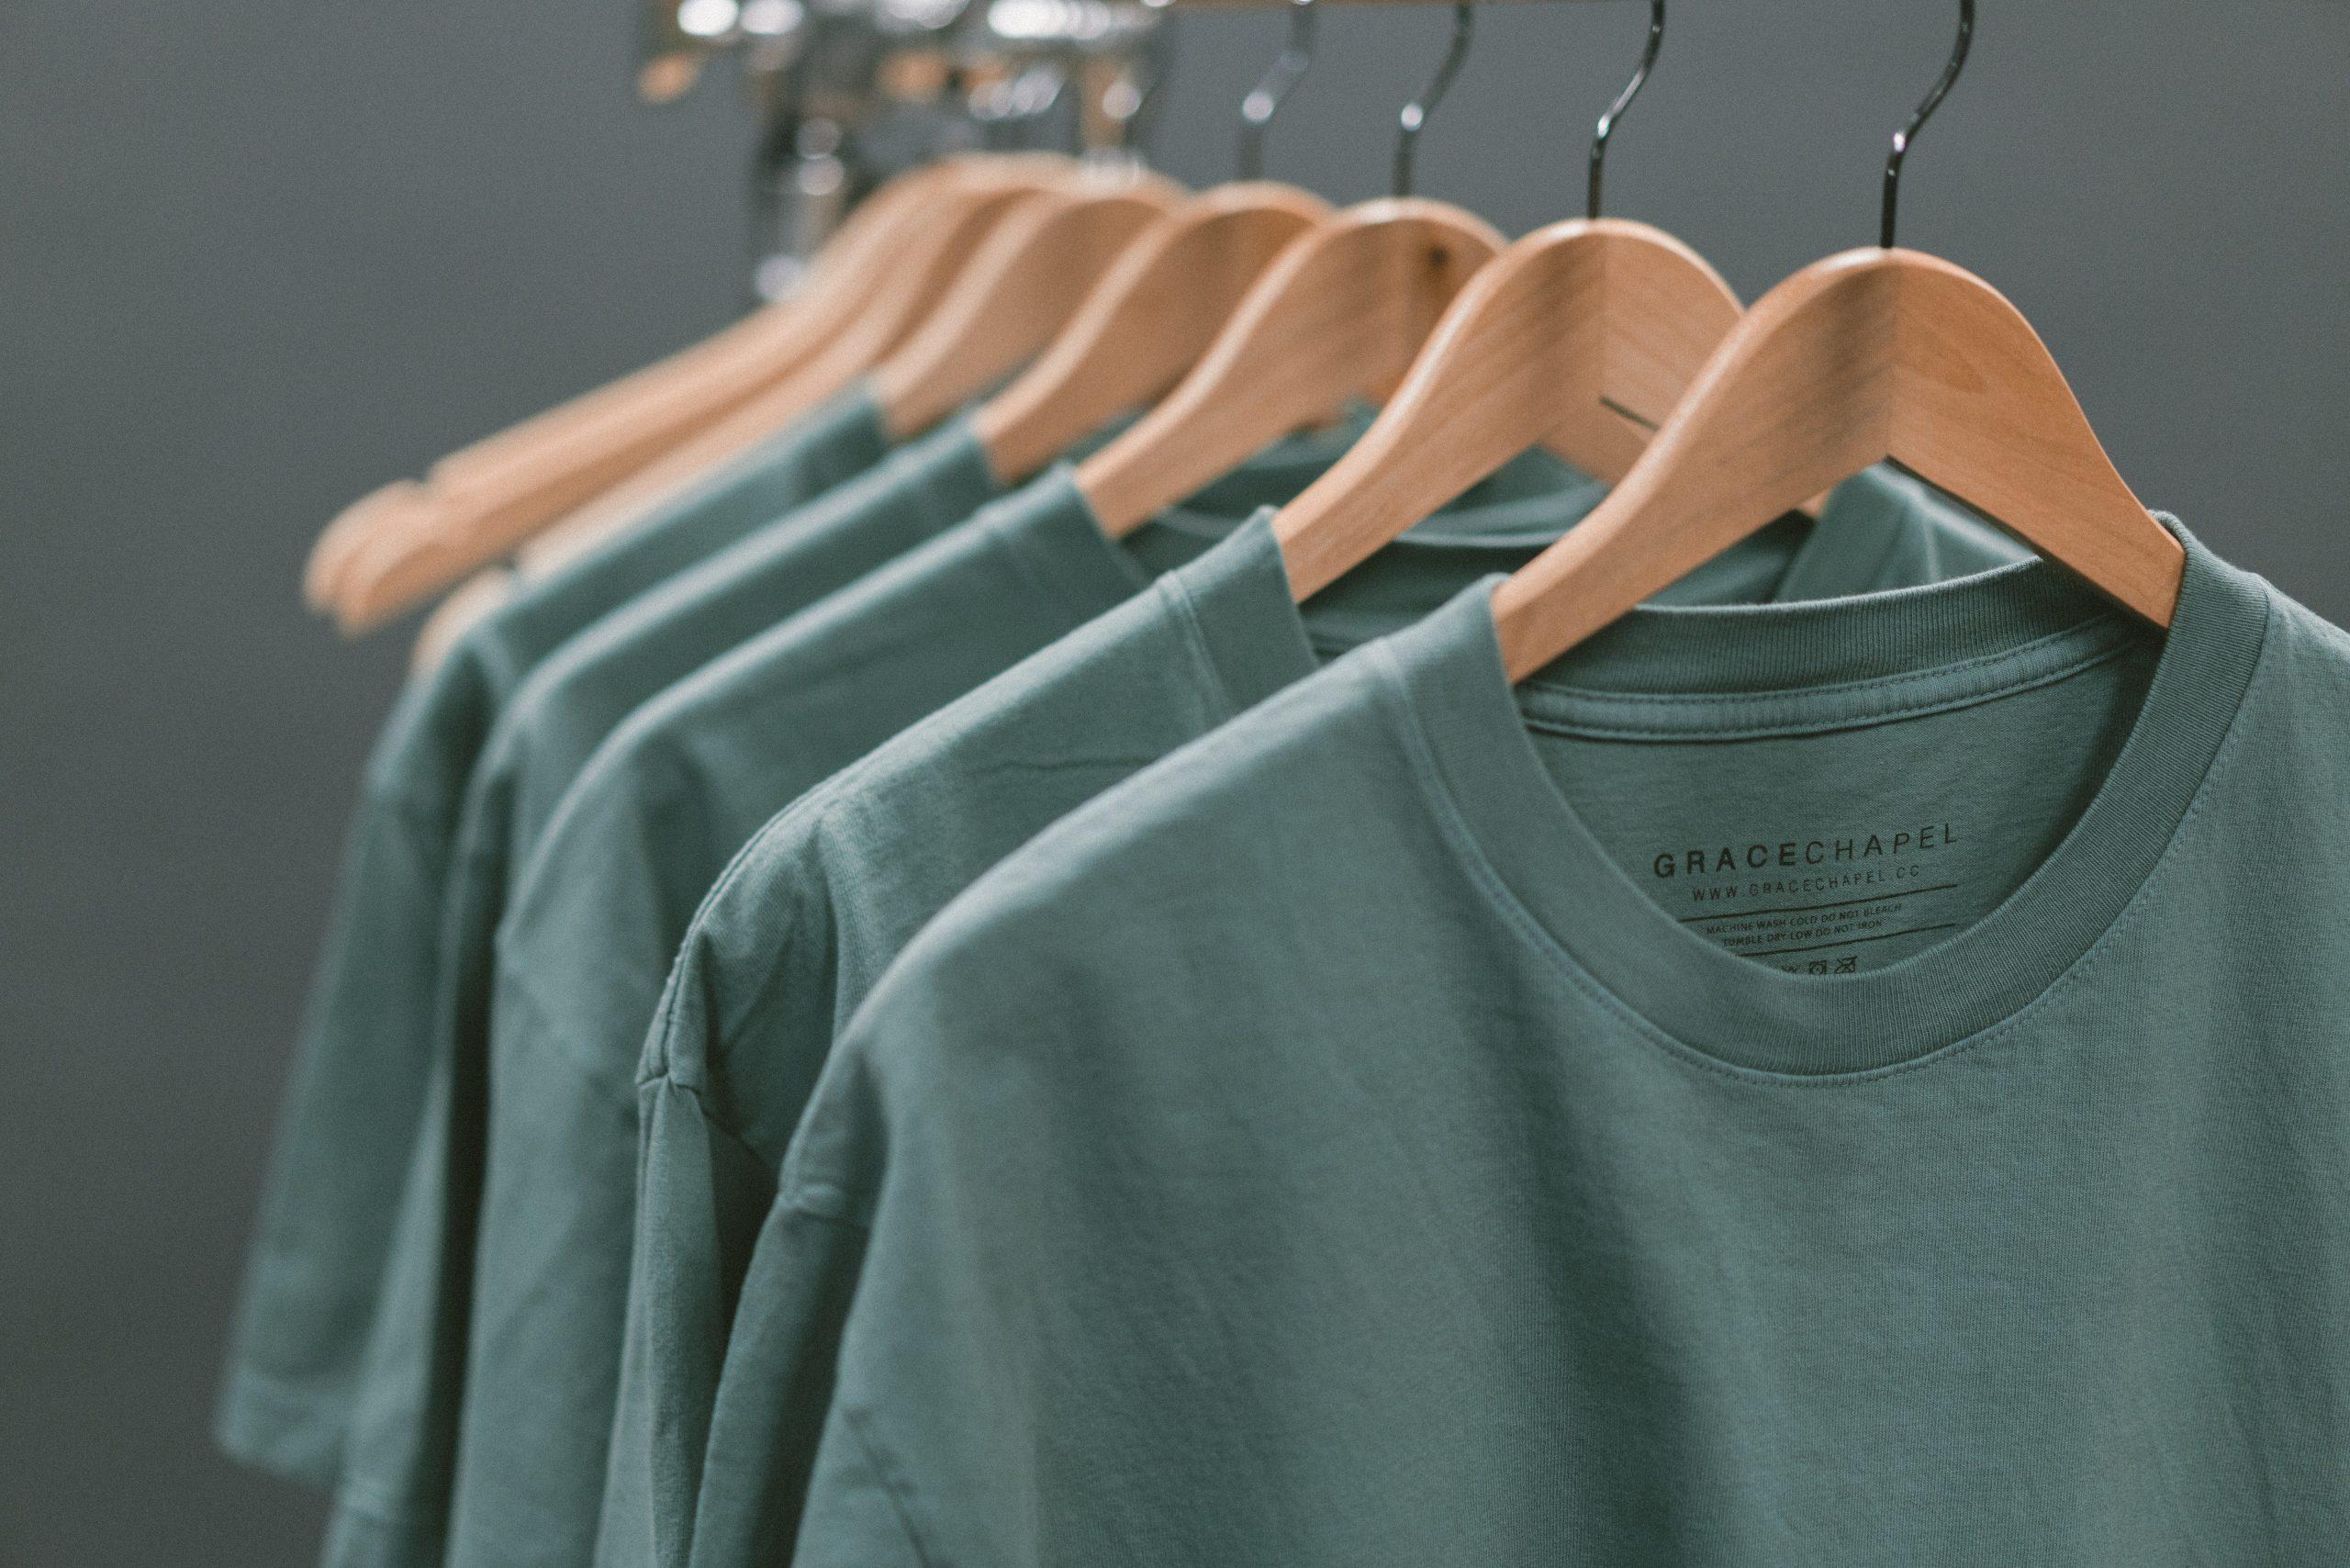 groener shoppen schoon winkelen